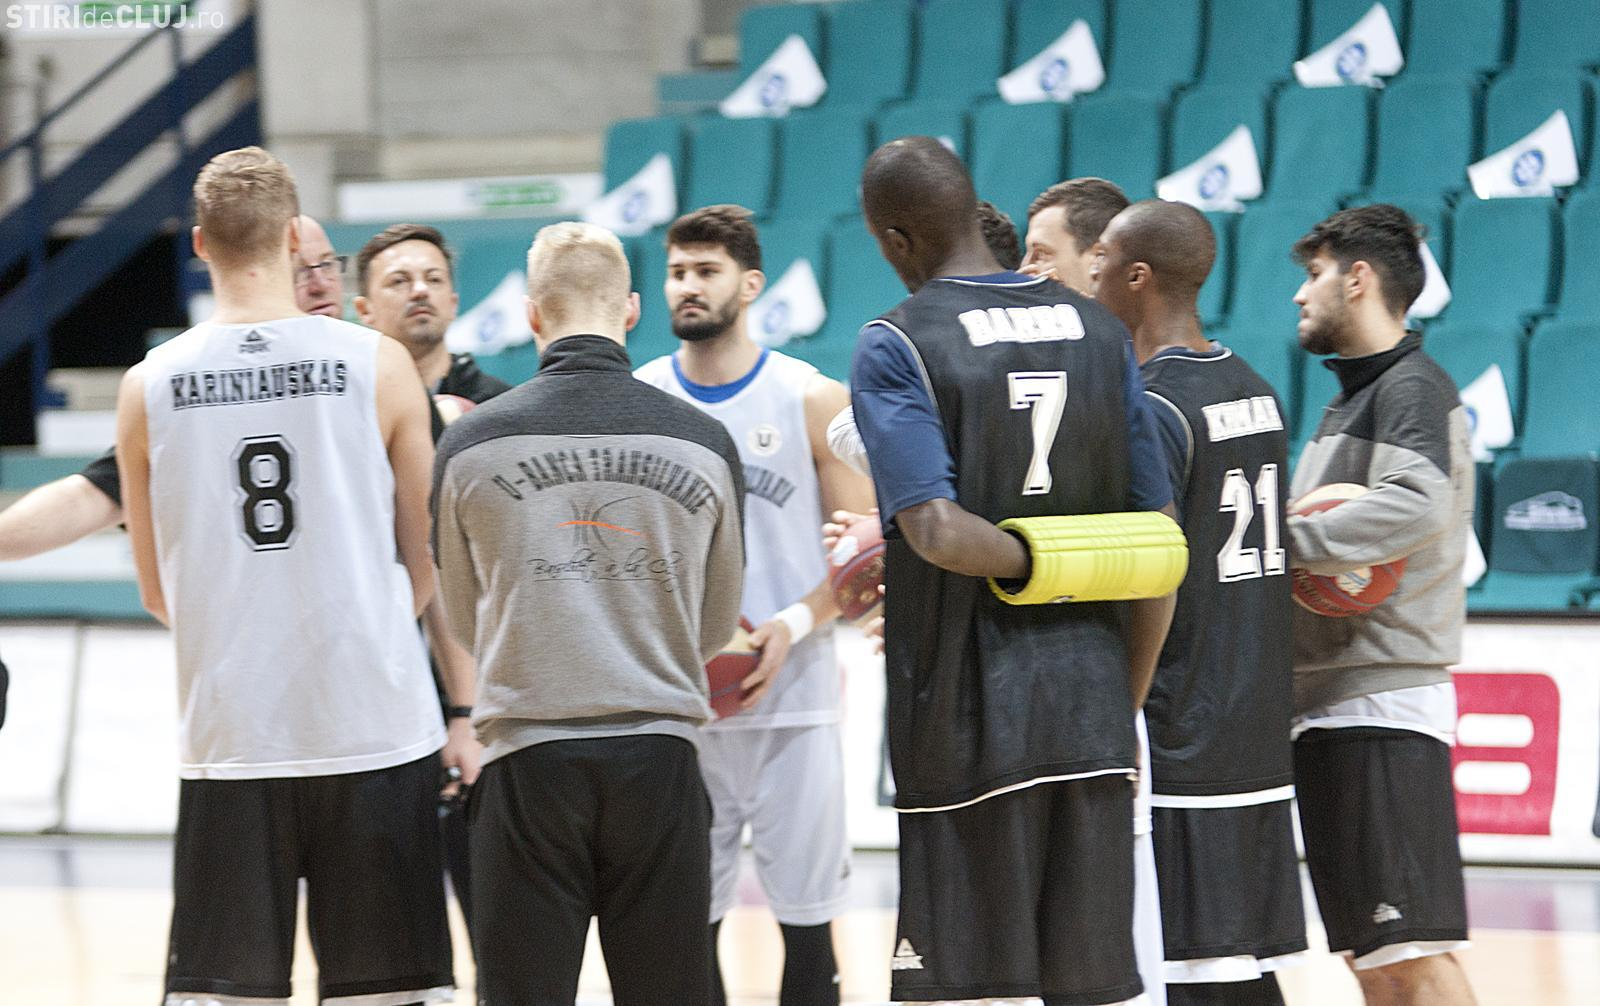 U-BT a învins Belfius Mons-Hainaut, în grupele FIBA Europe Cup